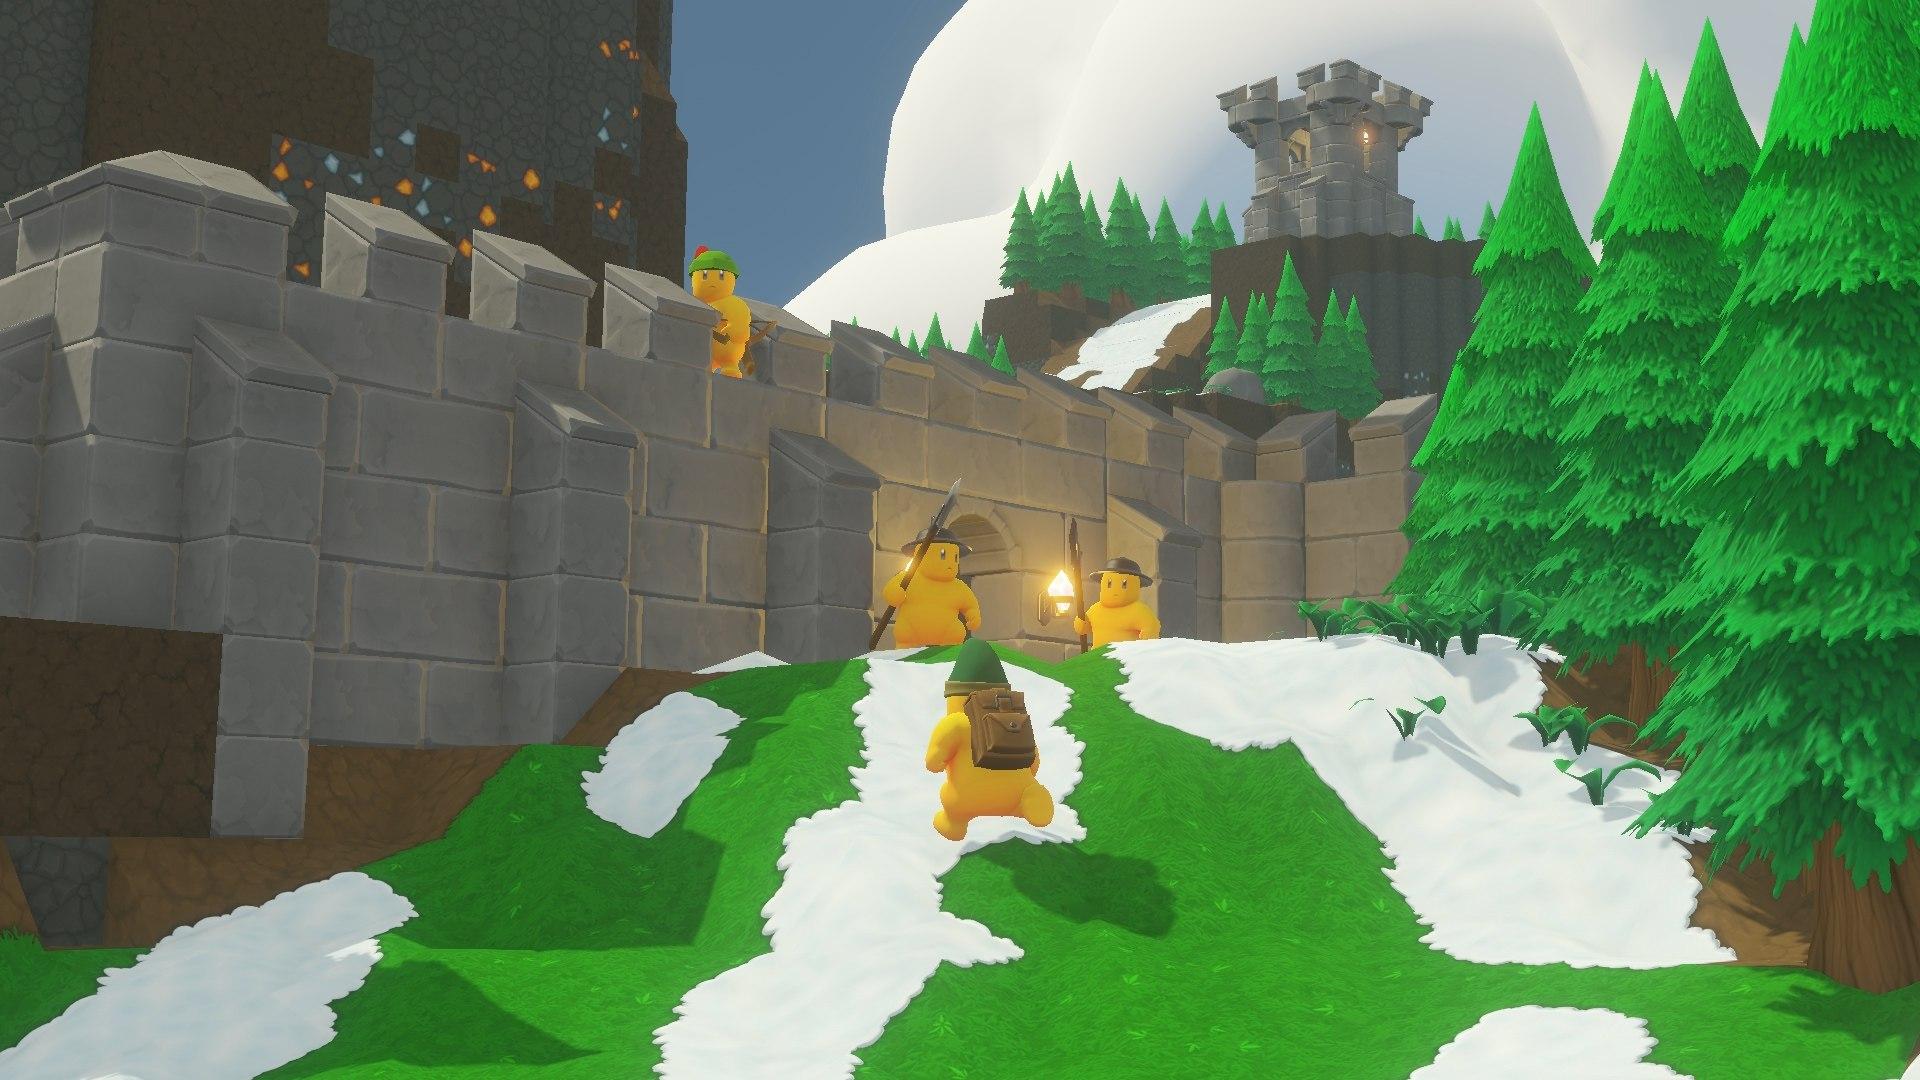 5-gier-podobnych-do-minecraft-castle-story-3.jpg